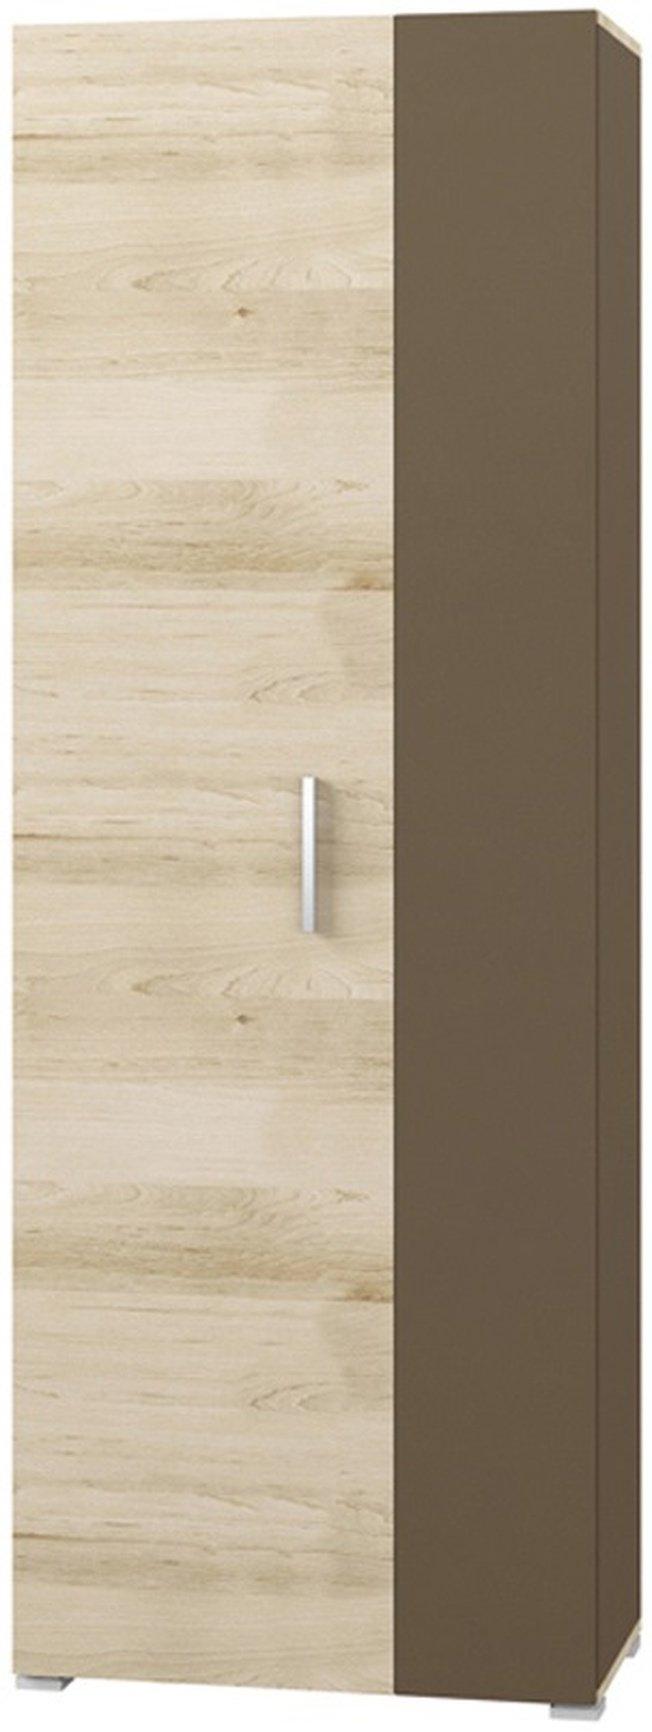 Шкаф 2-дверный в прихожую Чили фото